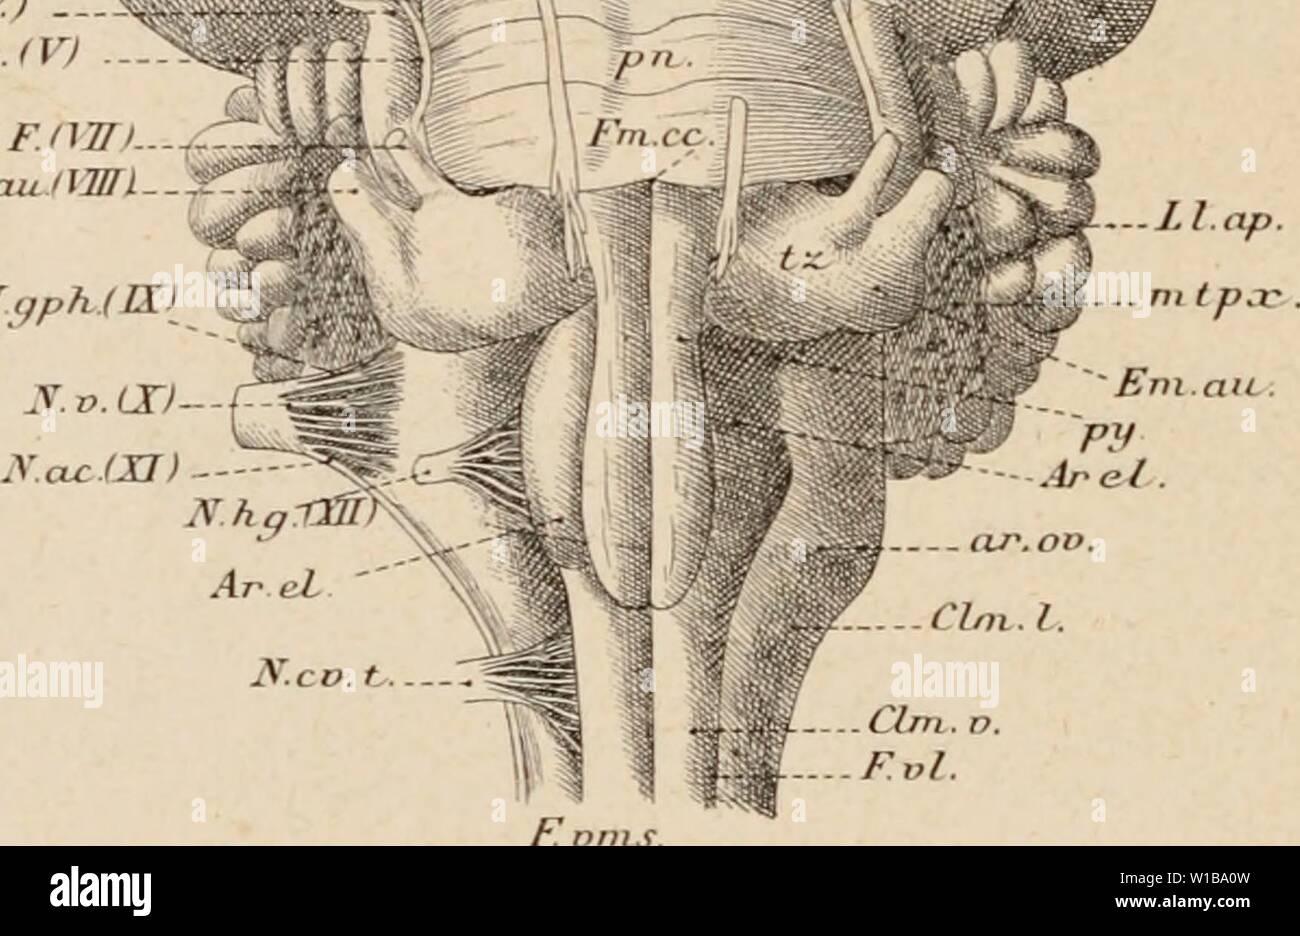 Immagine di archivio da pagina 349 di Dictionnaire de physiologie (1898). Dictionnaire de physiologie . dictionnairedeph03ricco anno: 1898 lm.cùv (RNG. G. ._ R F.rh Hjr.mj-. .Pi.p Sop (Ml -- Ptd ' . V FS 1 ho Fprh. U limp / .. Fp ppr . / S iv iB'l FiG. 30. Base de rencéphale et aspetto ventrale di du cerveau (d'après Wilder et Gage). L.ol, lobi olfactil's. - N.V.ol (MI), Origine du norf olfactif. -F.così, scissure sus-orbitaire (se. frontale supé- rieure). - F.cor scissure coronaire. -F.dg, scissure diagonale. - F.un, scissure ectosj'lvienne antérieure. - F.rh, scissure rhinale. -Prpf, espace perforé anté Immagini Stock